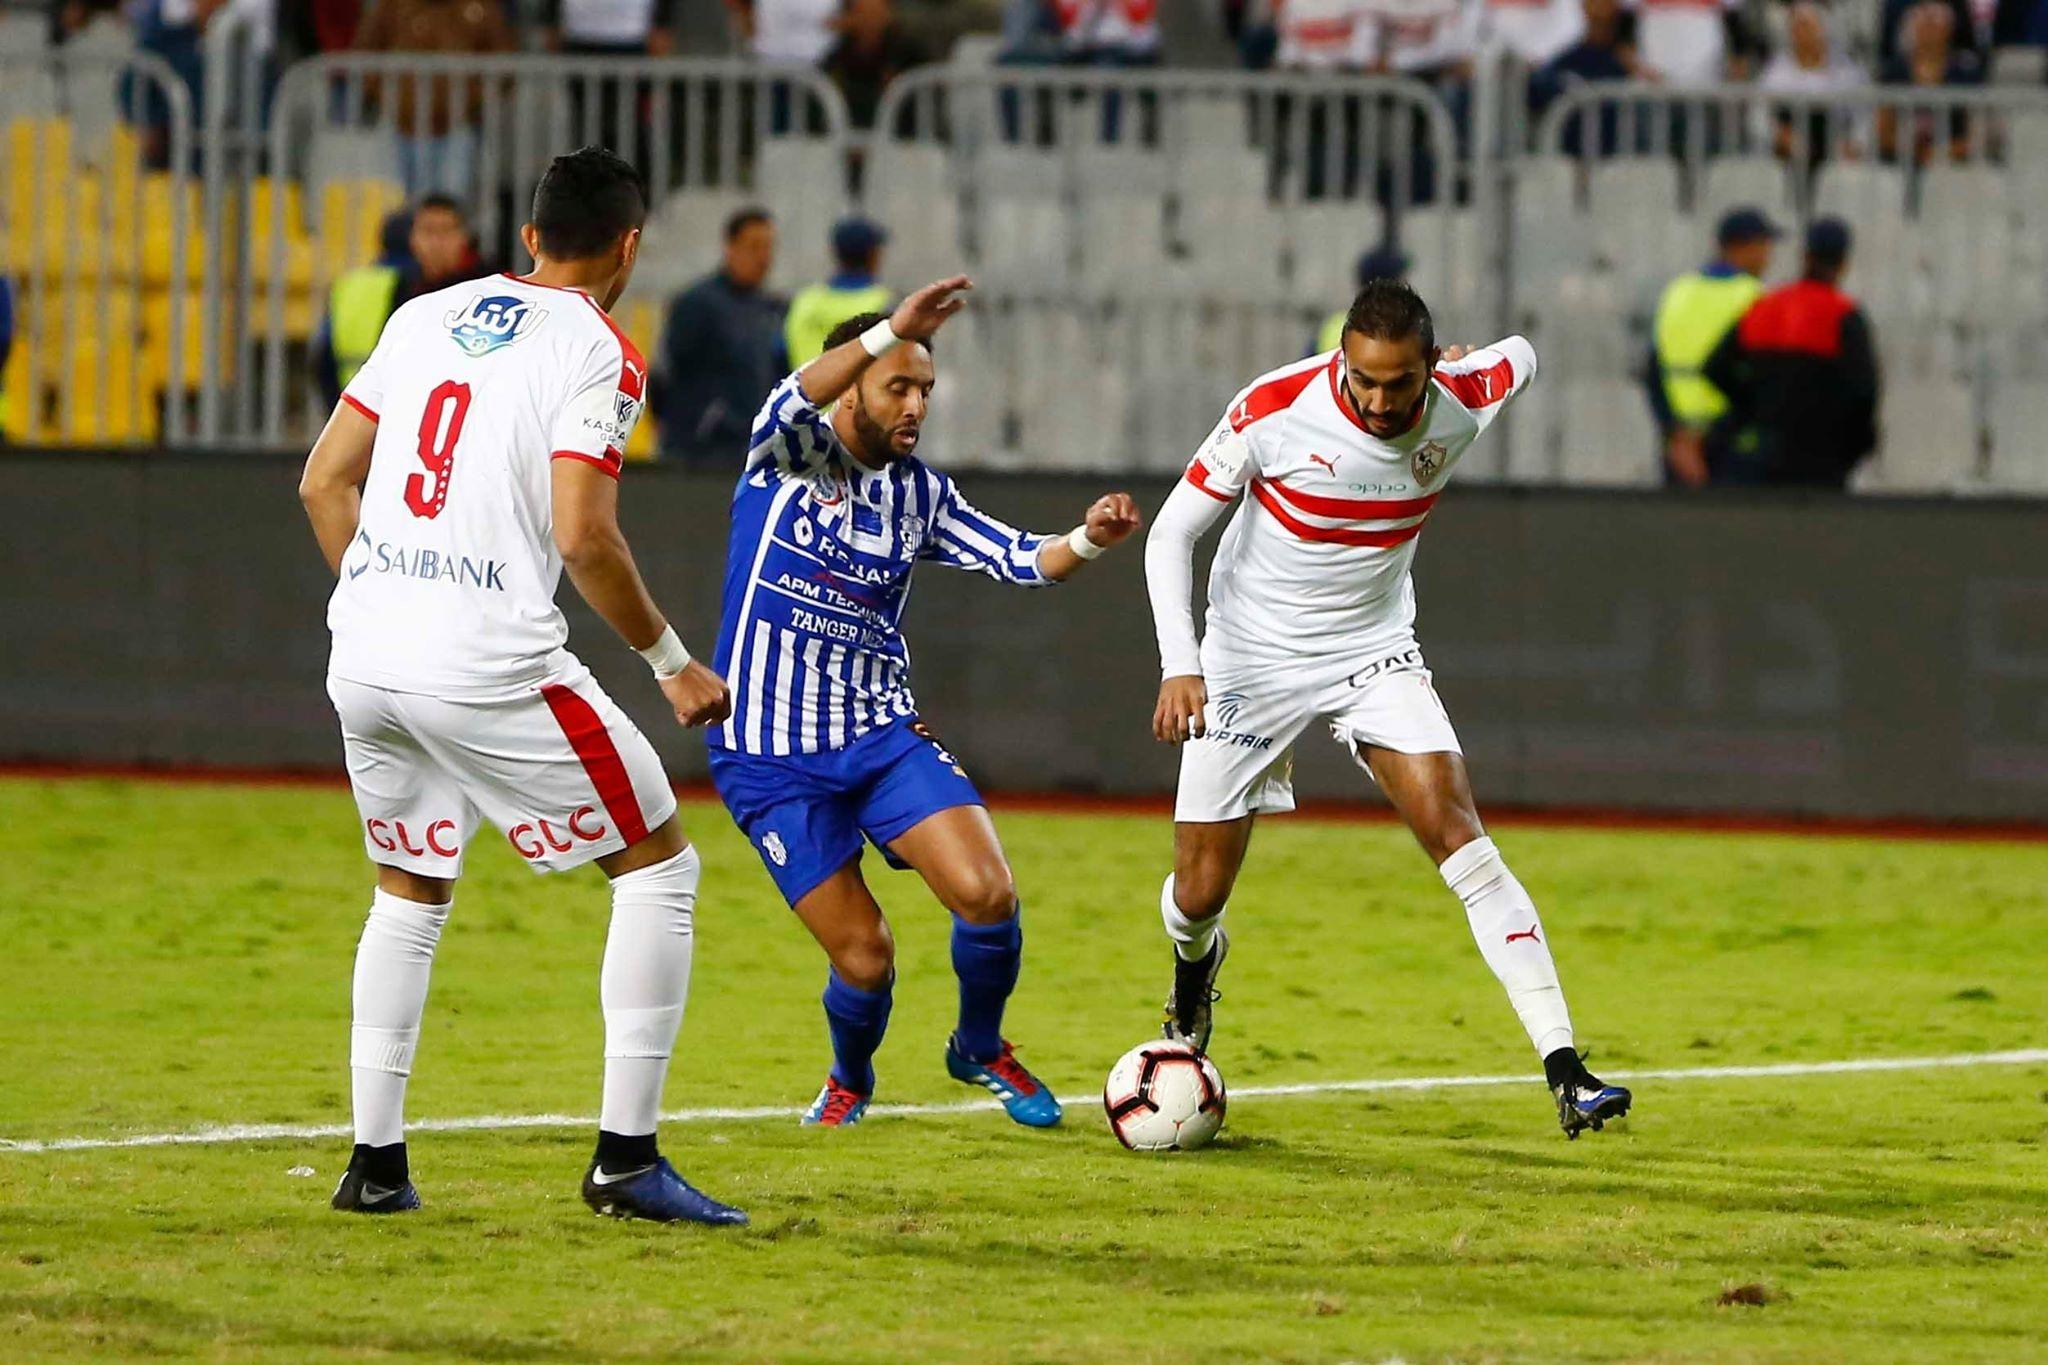 مشاهدة مباراة الزمالك وبيراميدز بث مباشر في الدوري المصري صحيفة